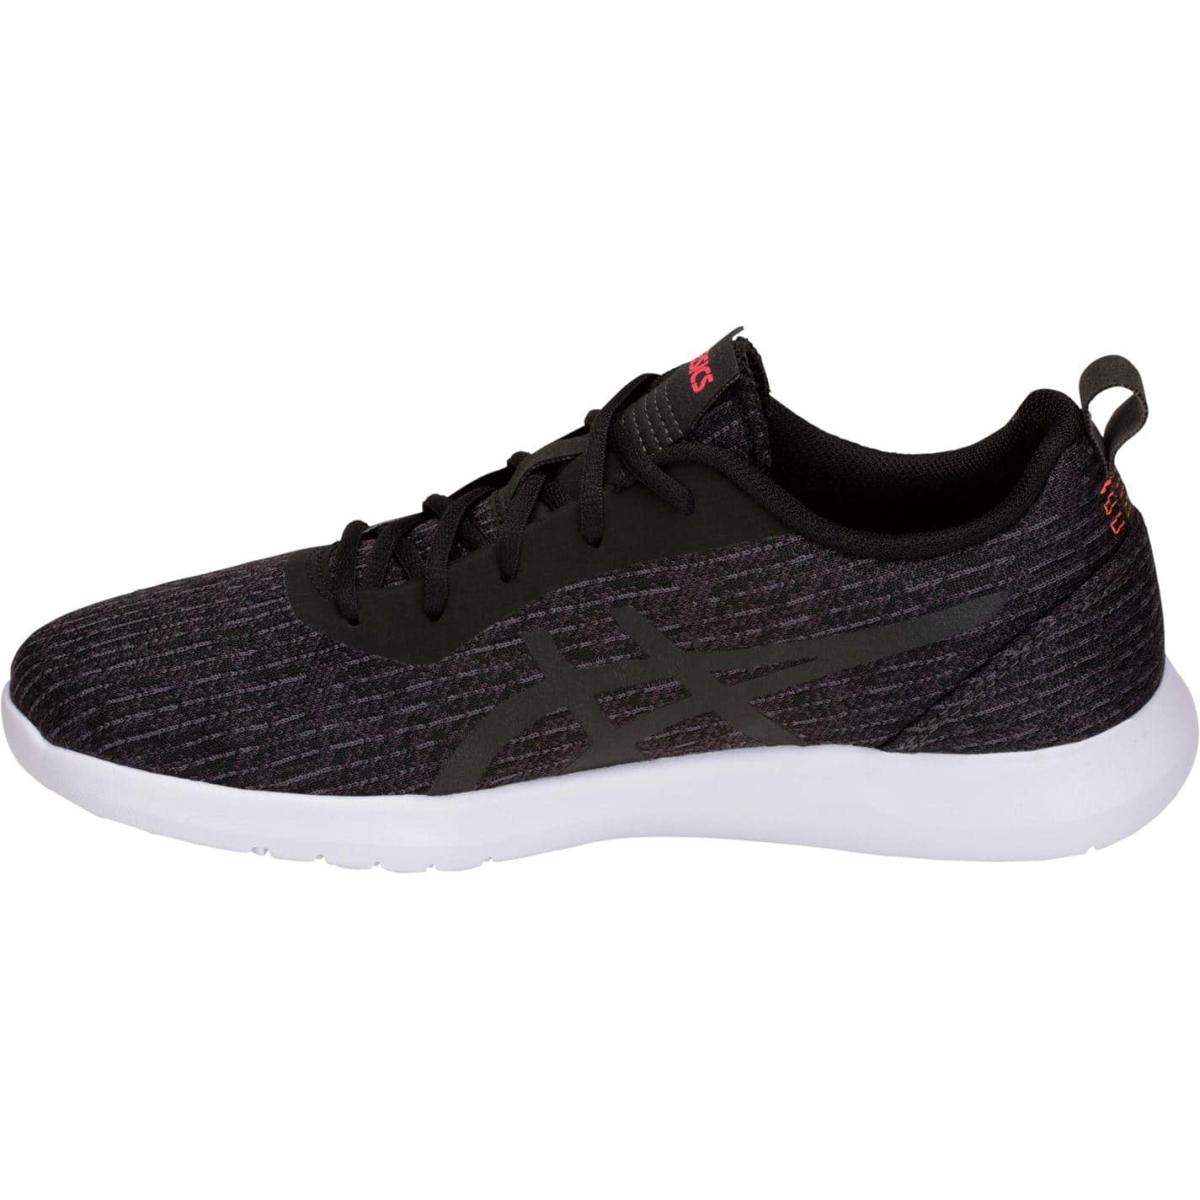 Asics-Kanmei-2-Turnschuhe-Damen-Sneaker-Sportschuhe-Laufschuhe-9097 Indexbild 5